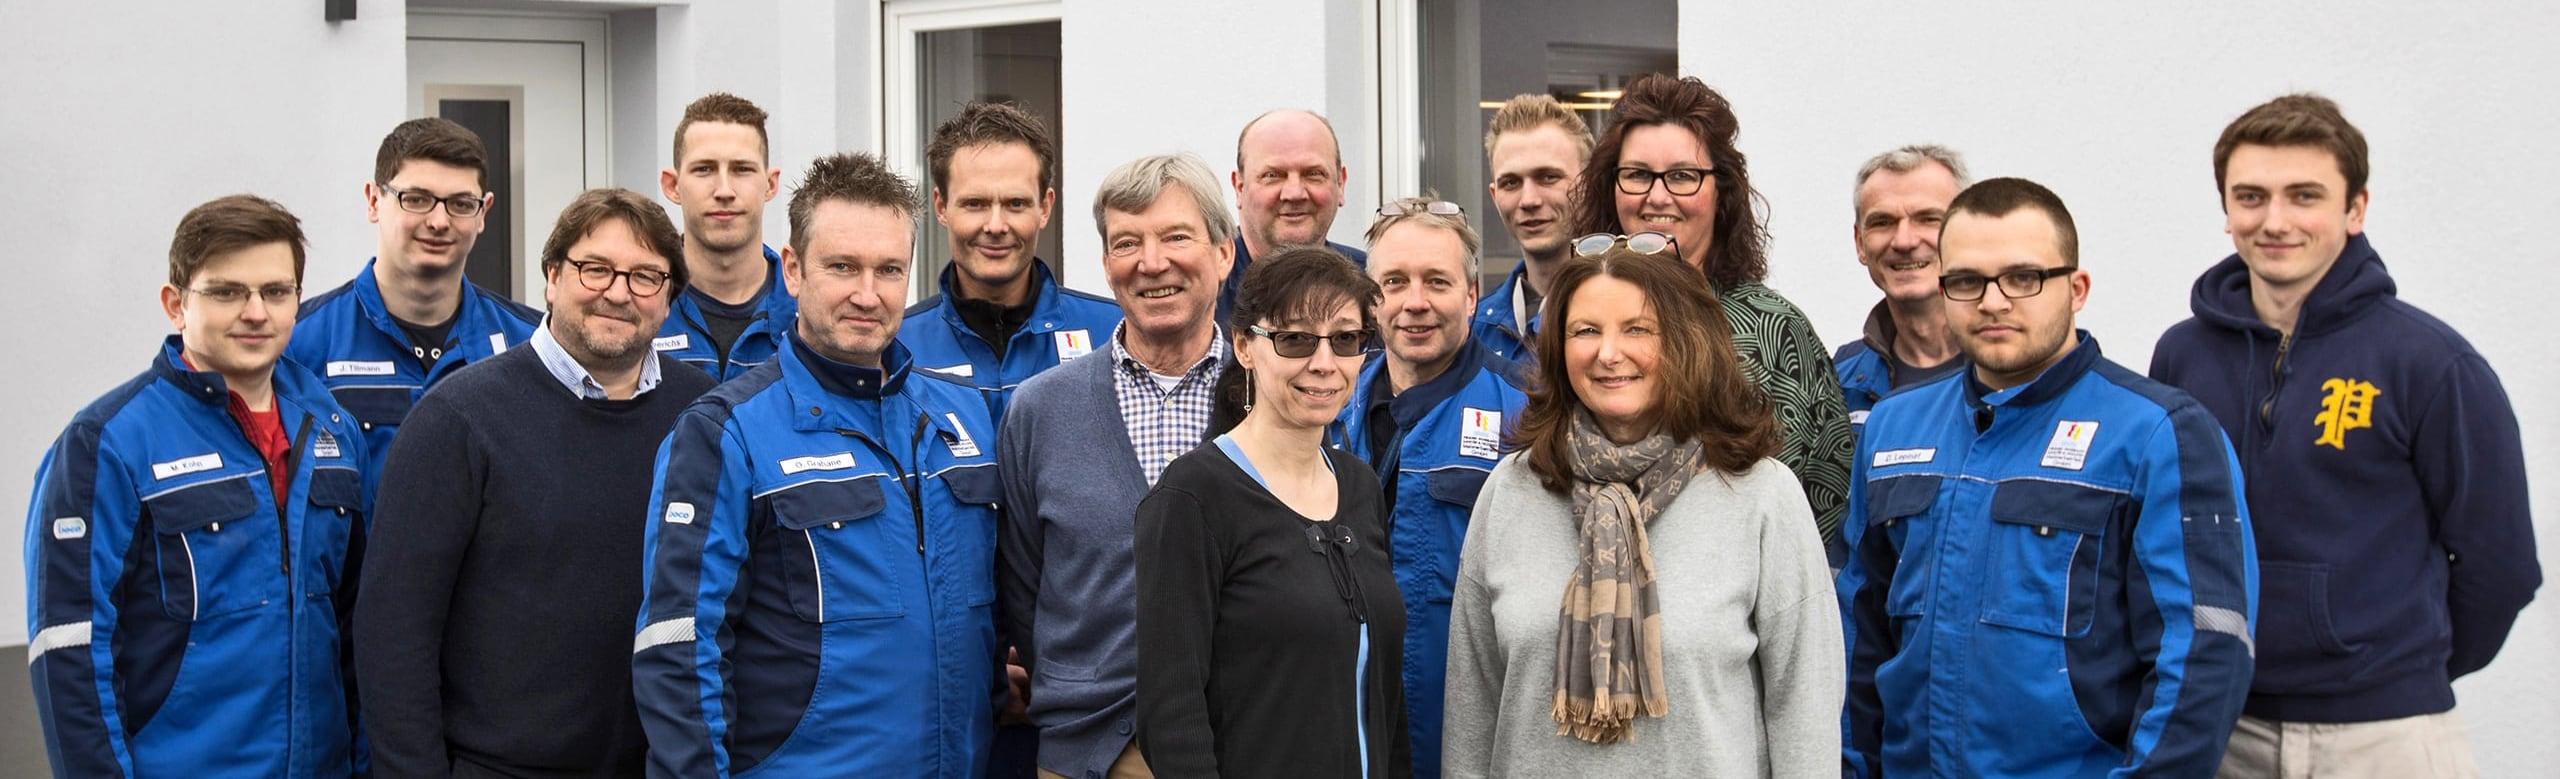 Gruppenbild des Teams von Frank Roßbach